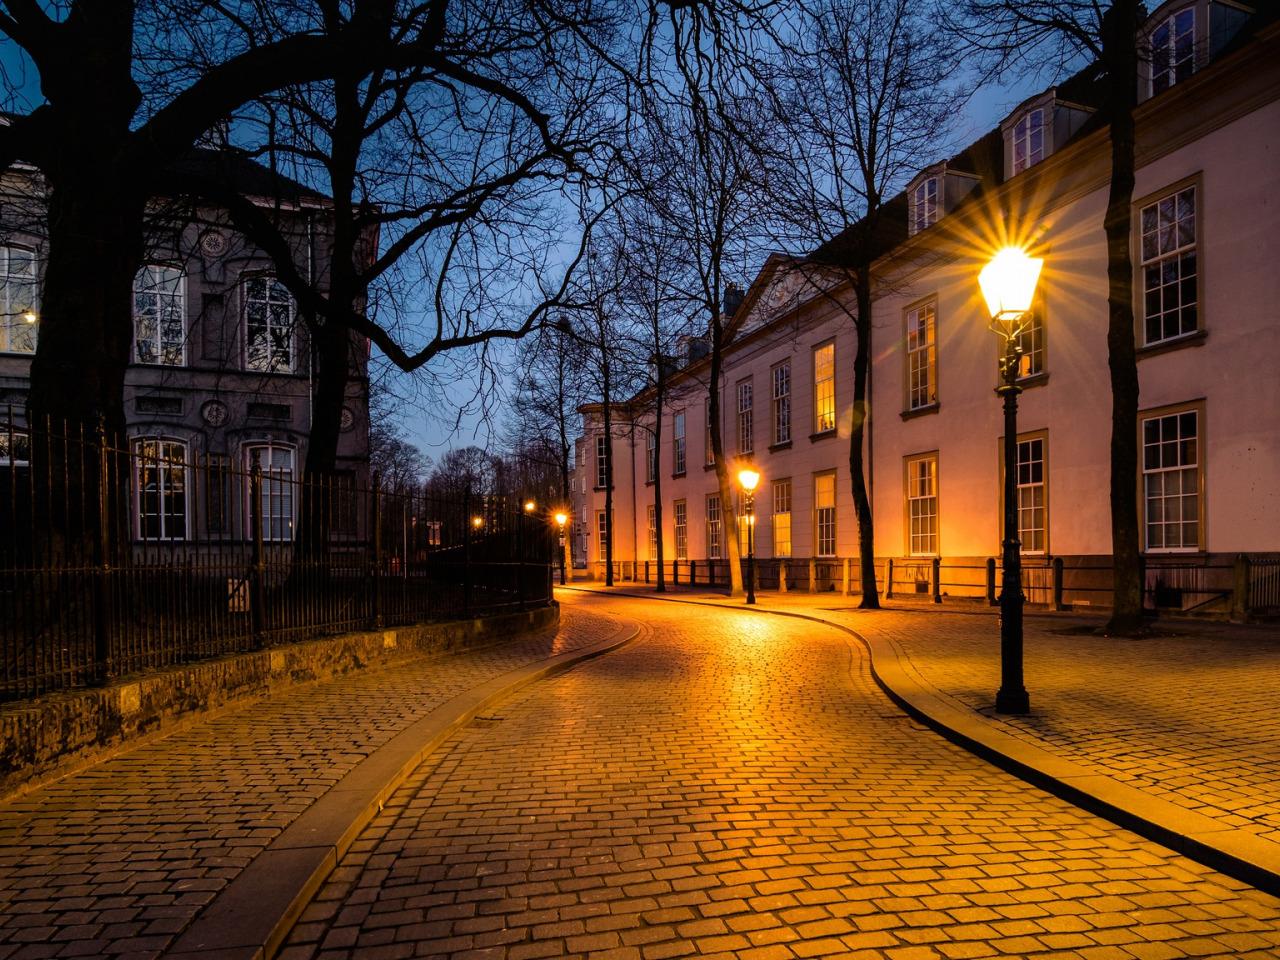 Картинки улица с фонарями